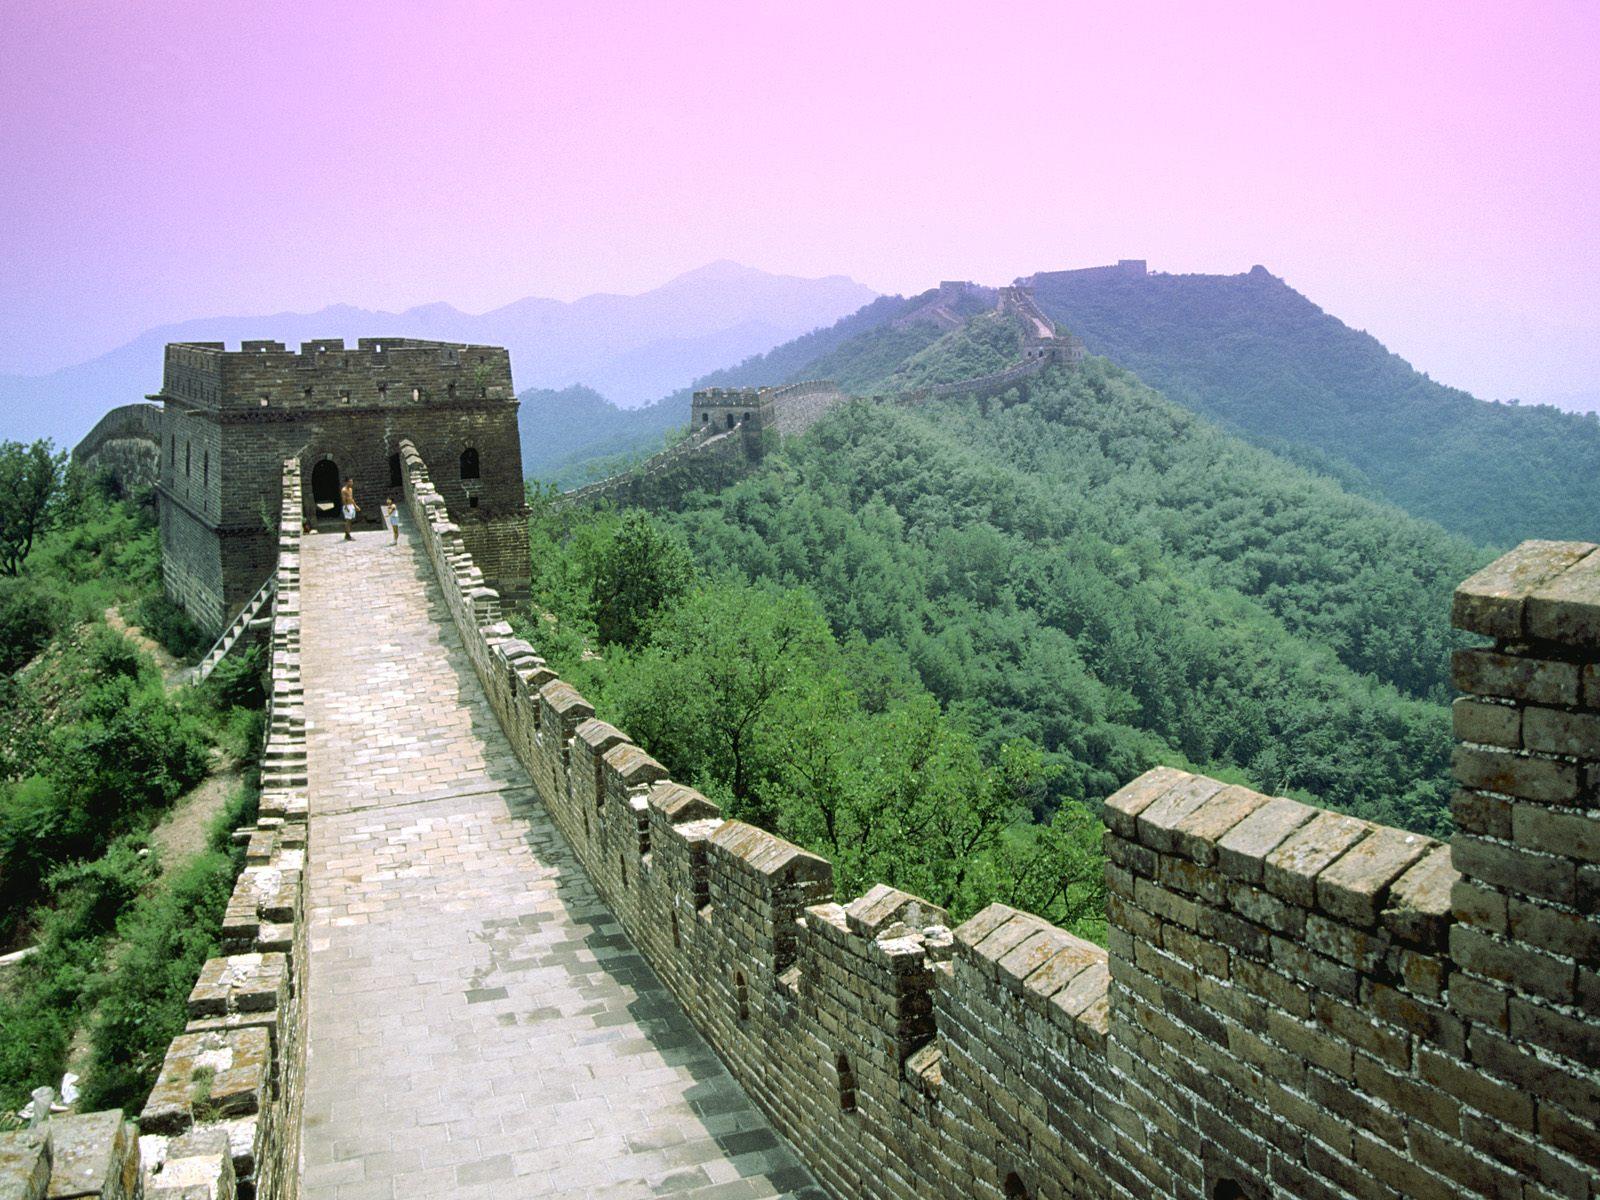 http://4.bp.blogspot.com/-V0X8T6tmbc8/TfsDz-GPftI/AAAAAAAAFWE/eIQ-wiWLV-k/s1600/3027-great-wall%252C-beijing%252C-china-wallpaper.jpg